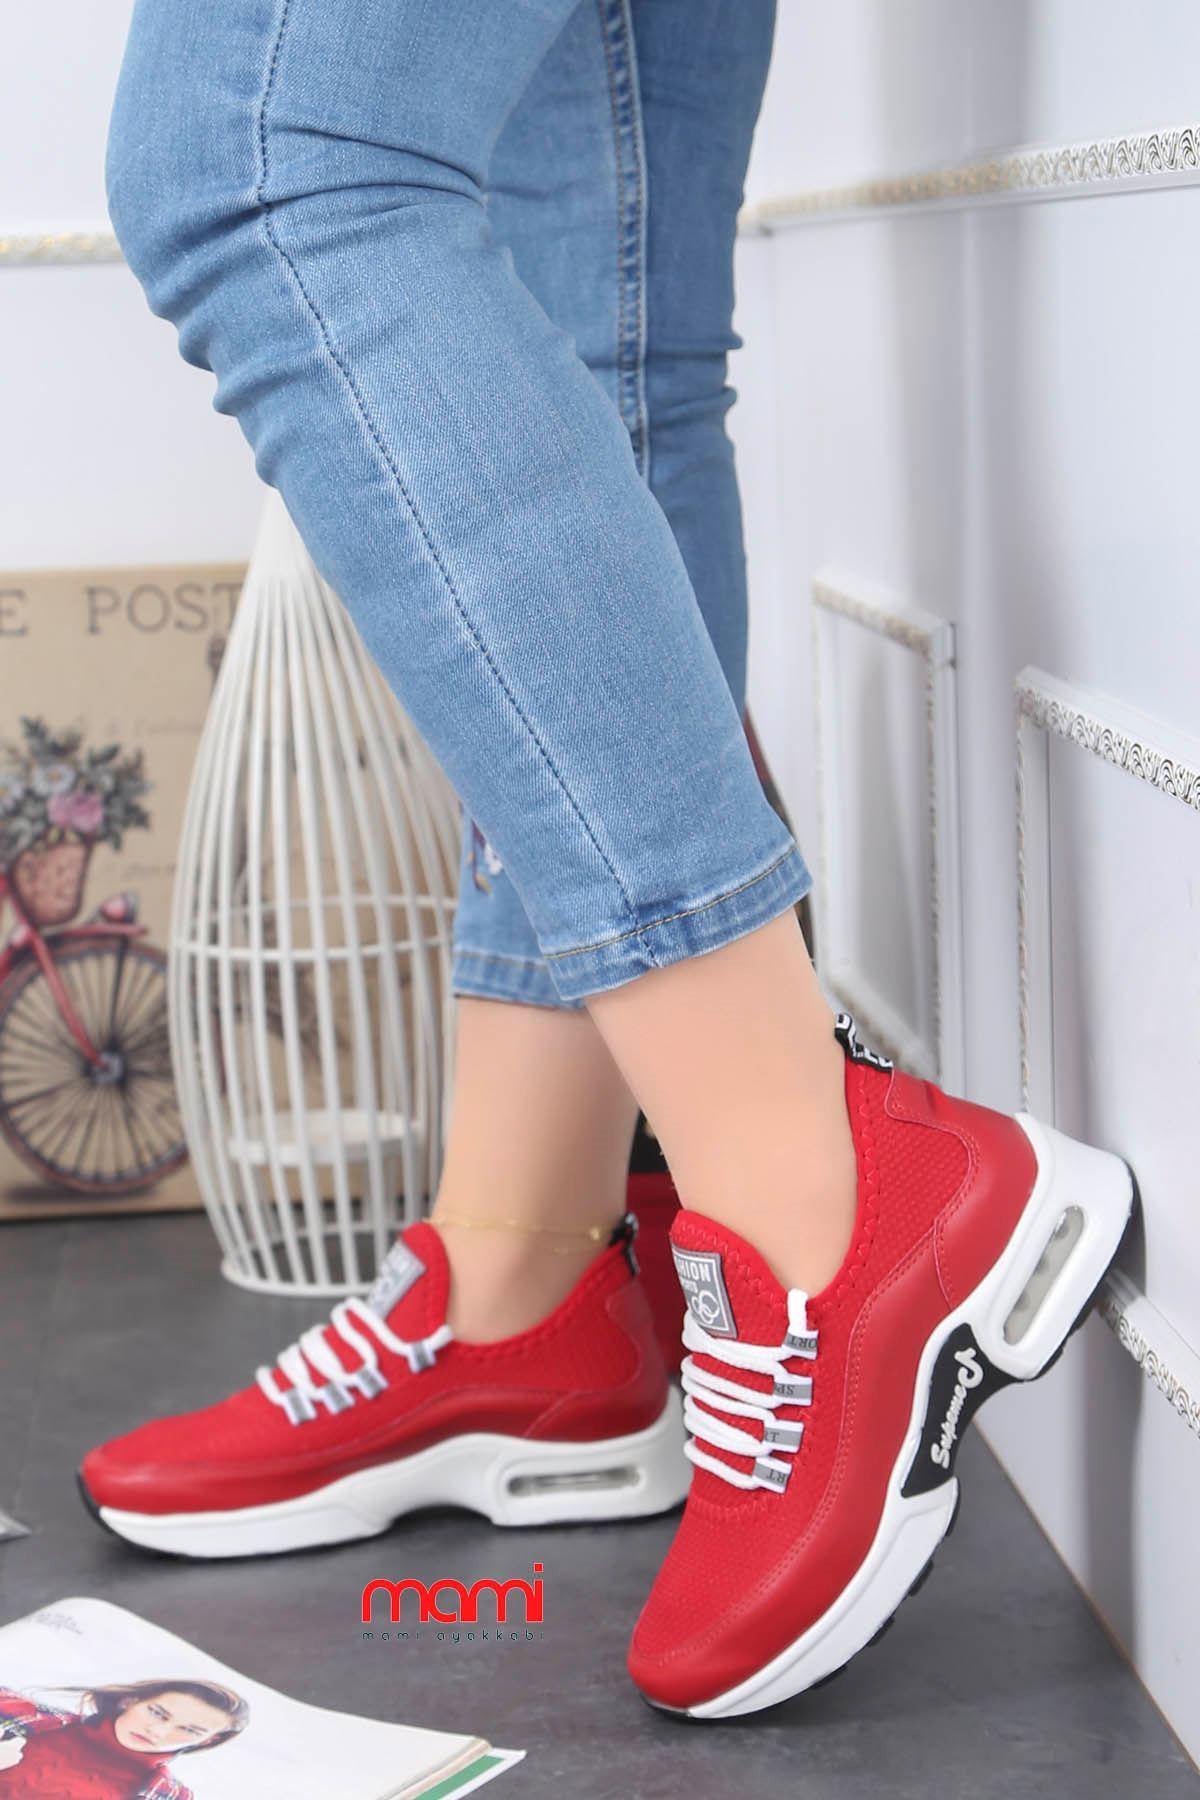 Frm-303 Air Taban Spor Ayakkabı Kırmızı Anorak